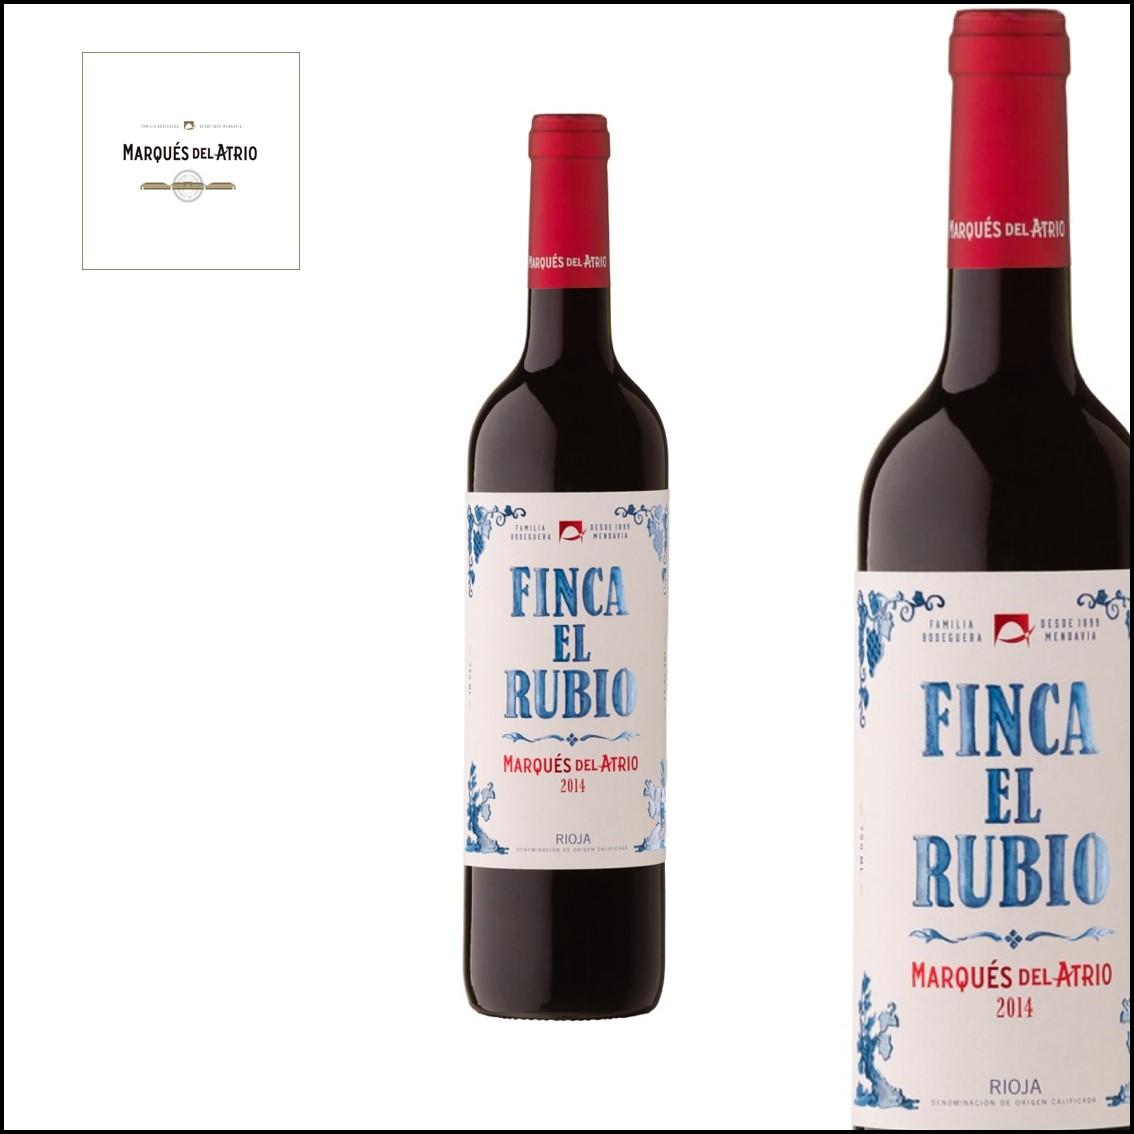 Marqués del Atrio «Finca El Rubio» D.O.Ca RIOJA